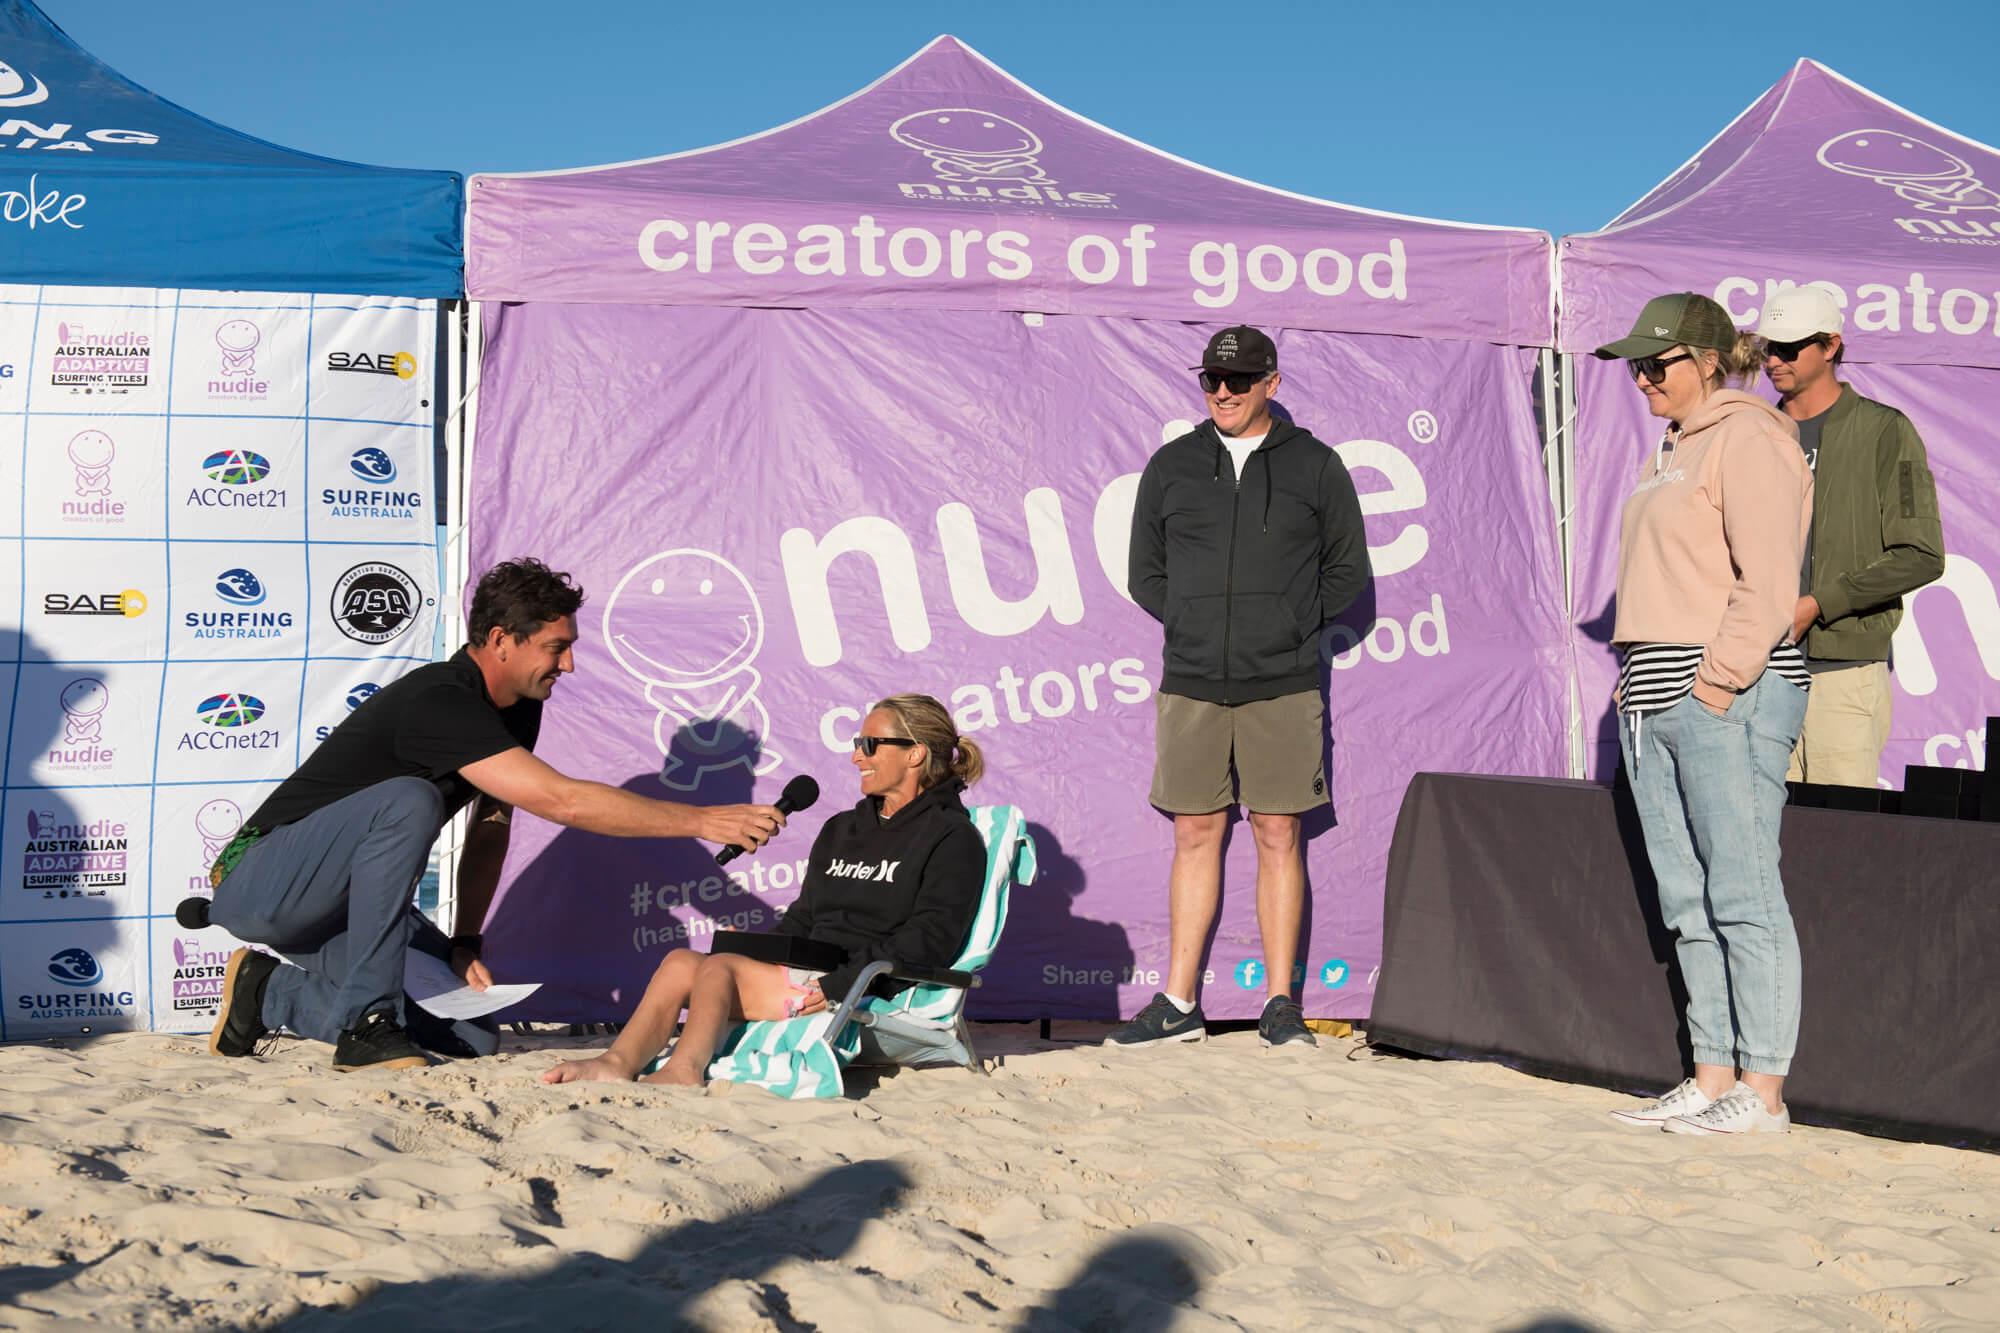 Sam being interviewed after Surfing Australia event